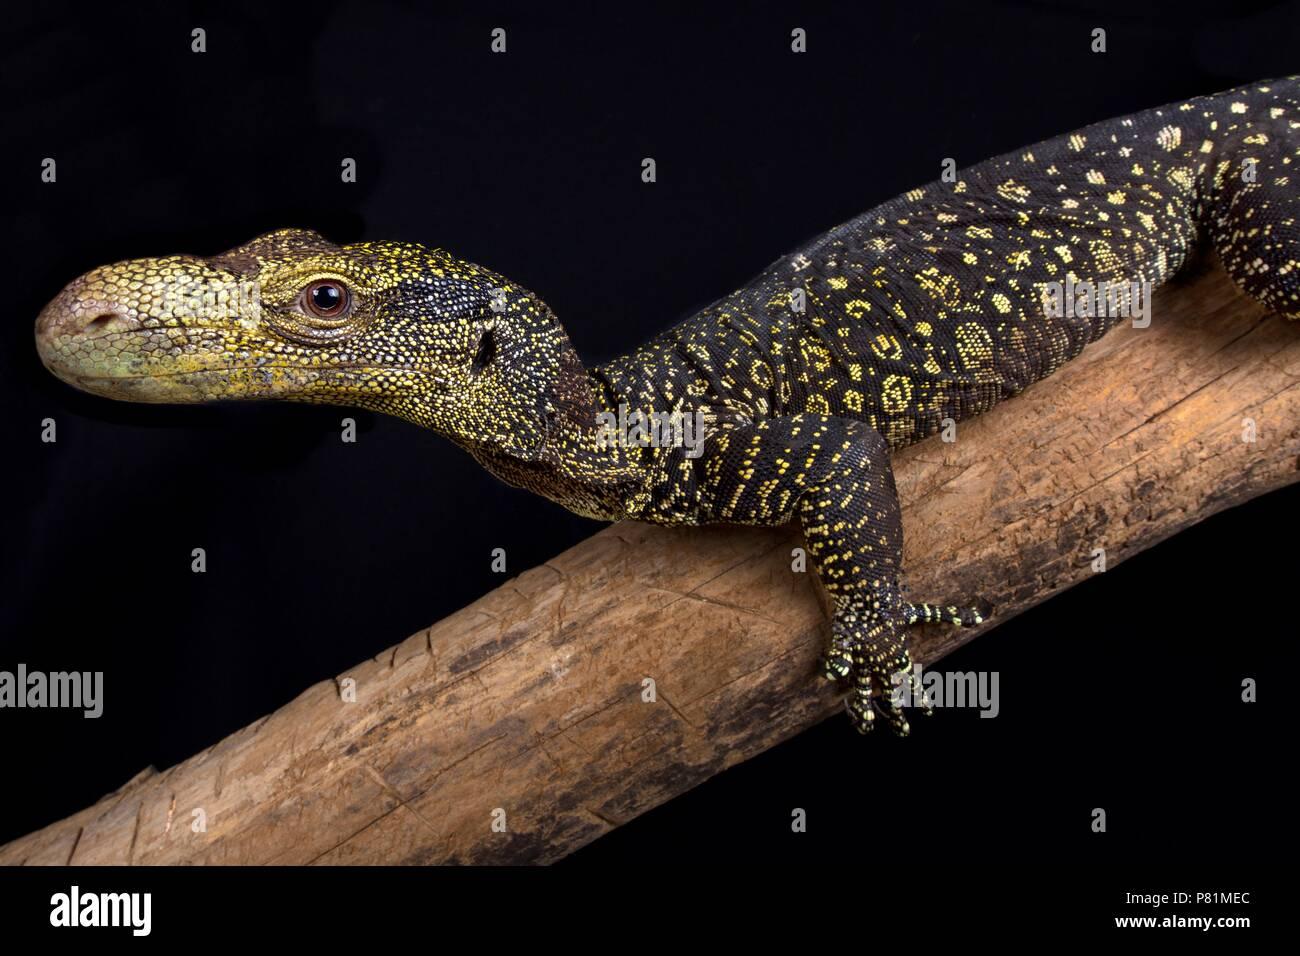 Il Coccodrillo monitor (Varanus salvadorii) è la più lunga lizard specie nel mondo. Questi tree dragons sono endemiche di Papua Nuova Guinea e West Pap Immagini Stock